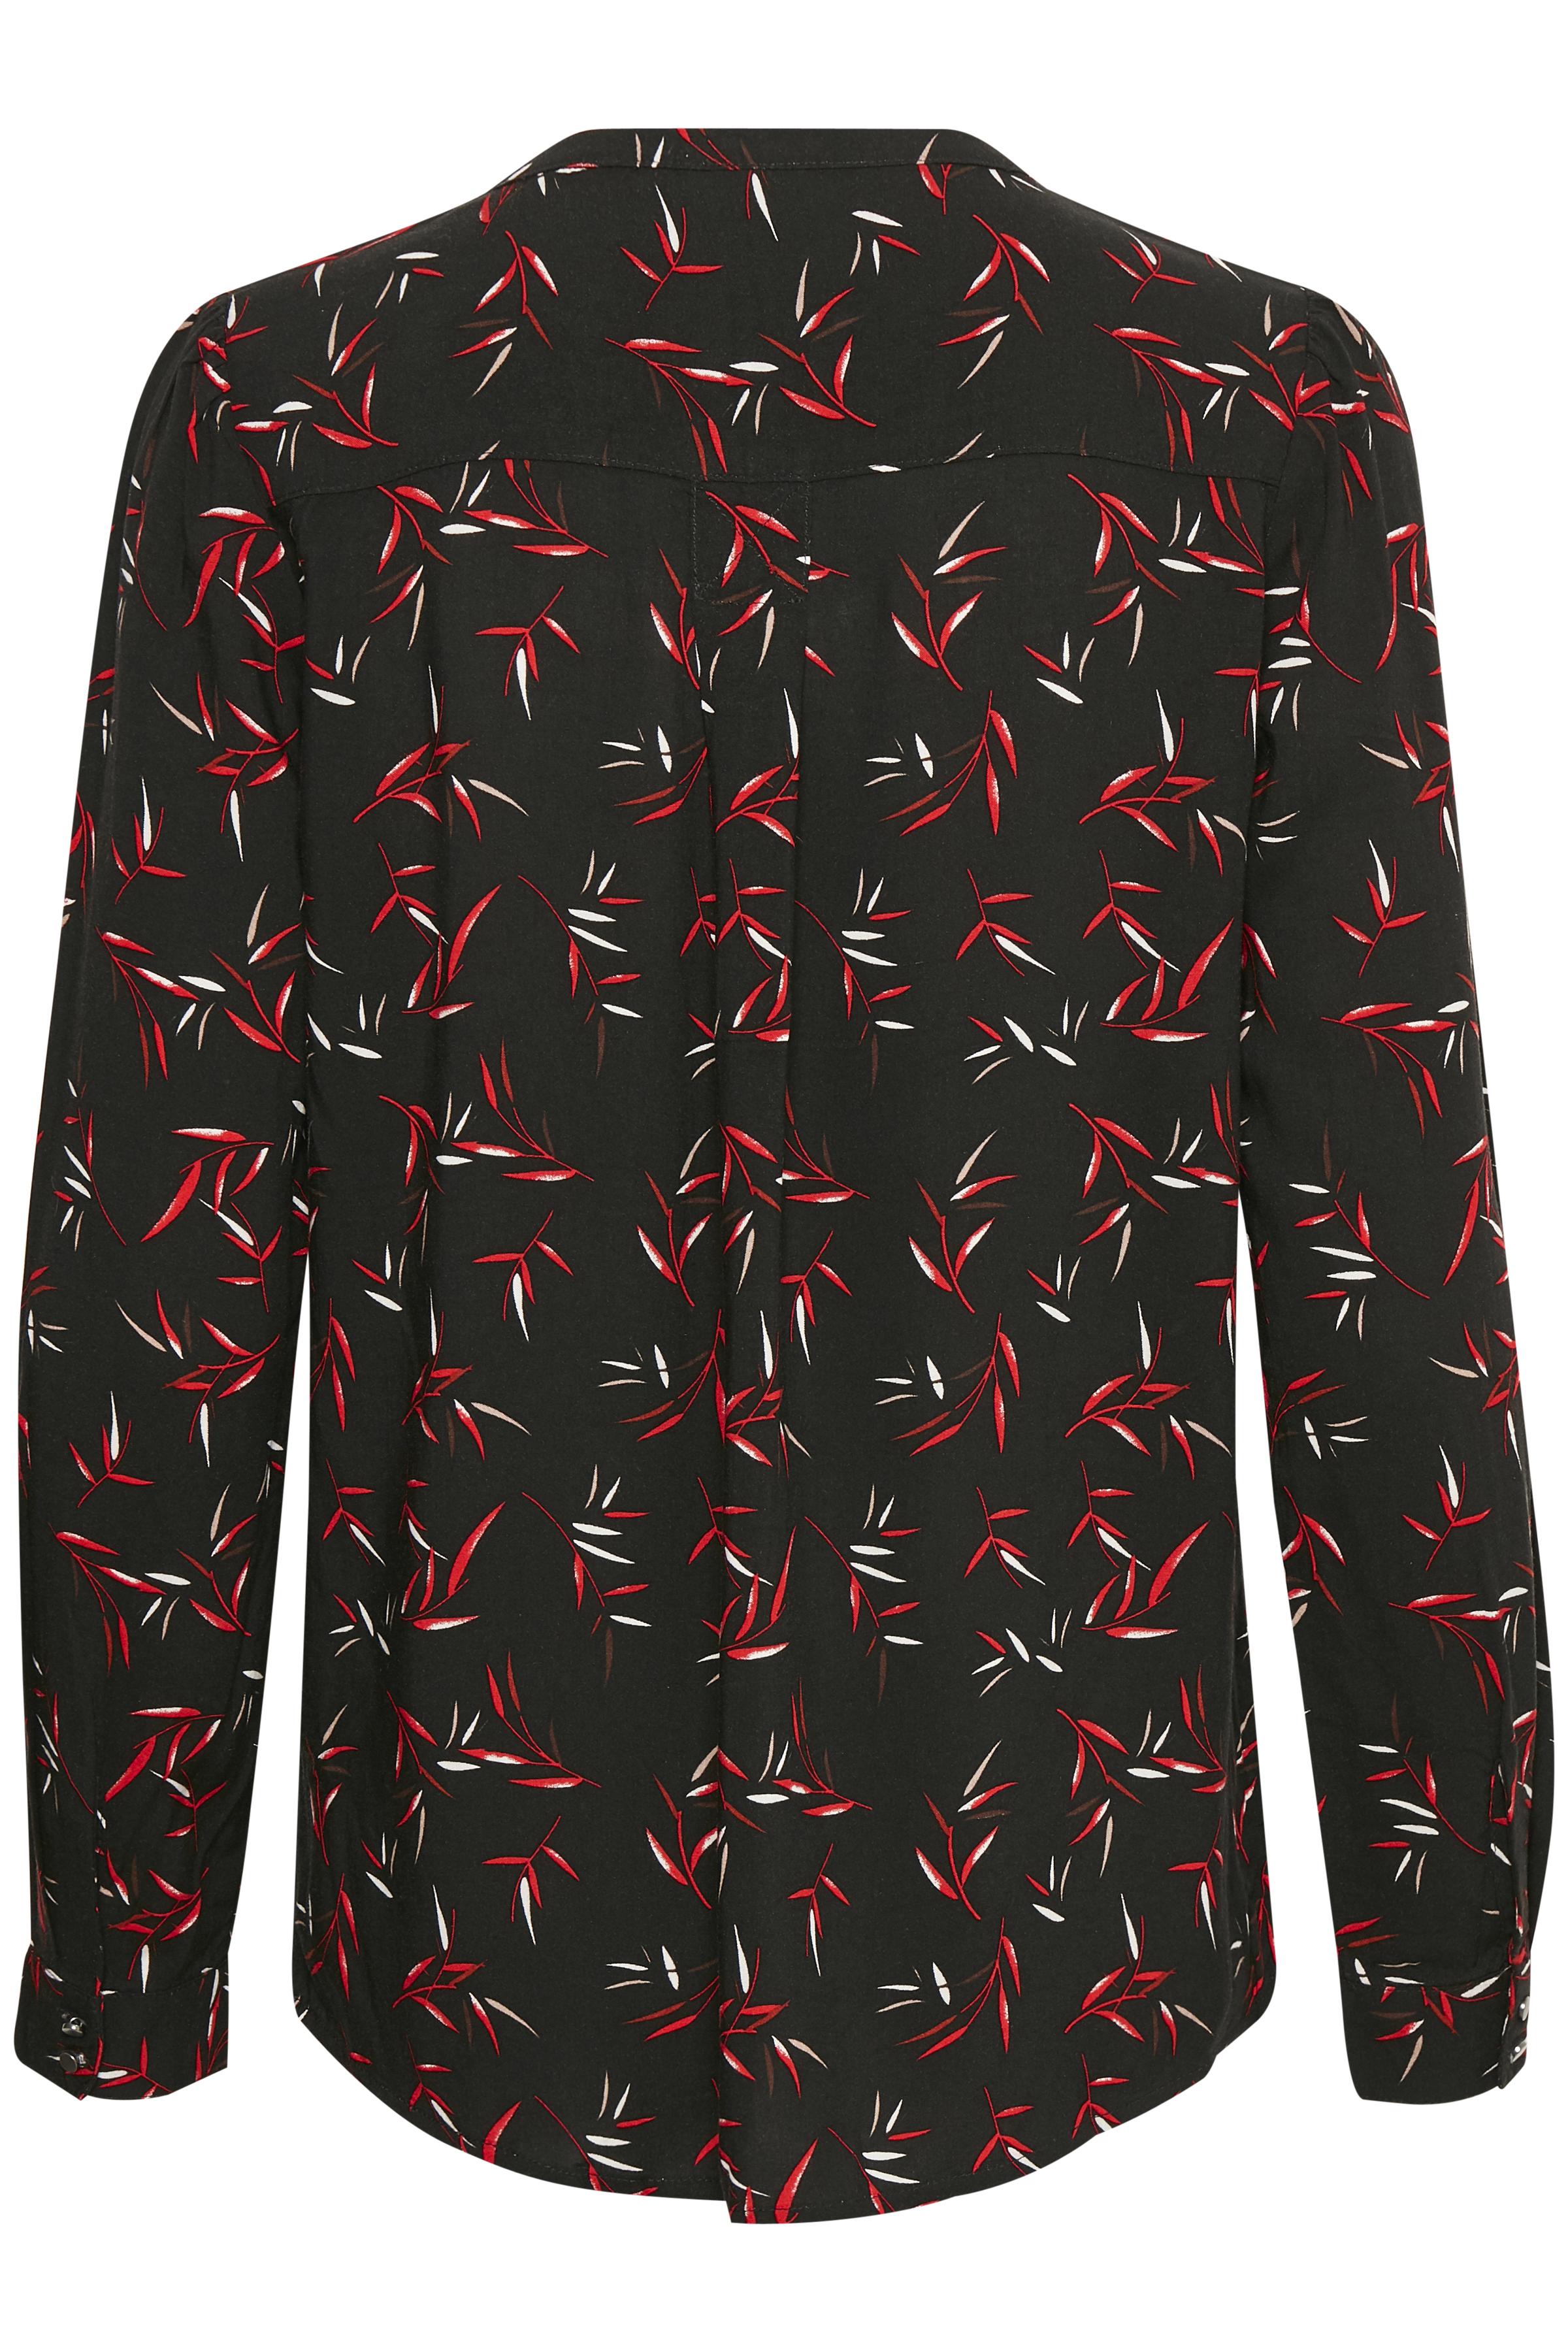 Sort/rød Langærmet bluse fra Fransa – Køb Sort/rød Langærmet bluse fra str. XS-XXL her